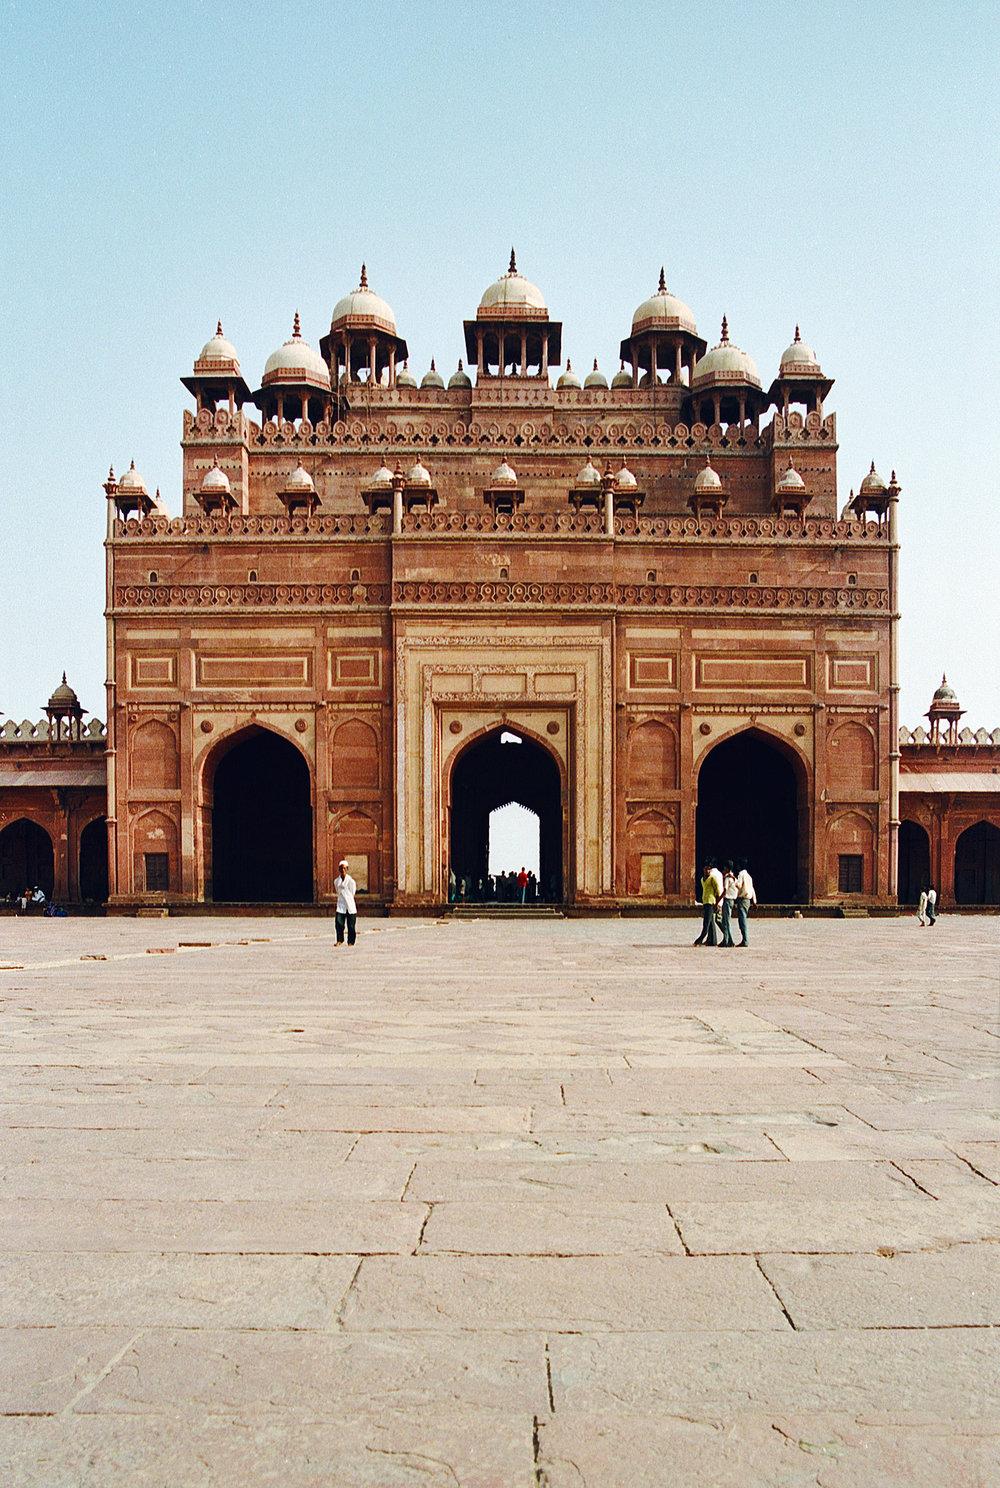 Buland Darwaza at Fatehpur Sikri